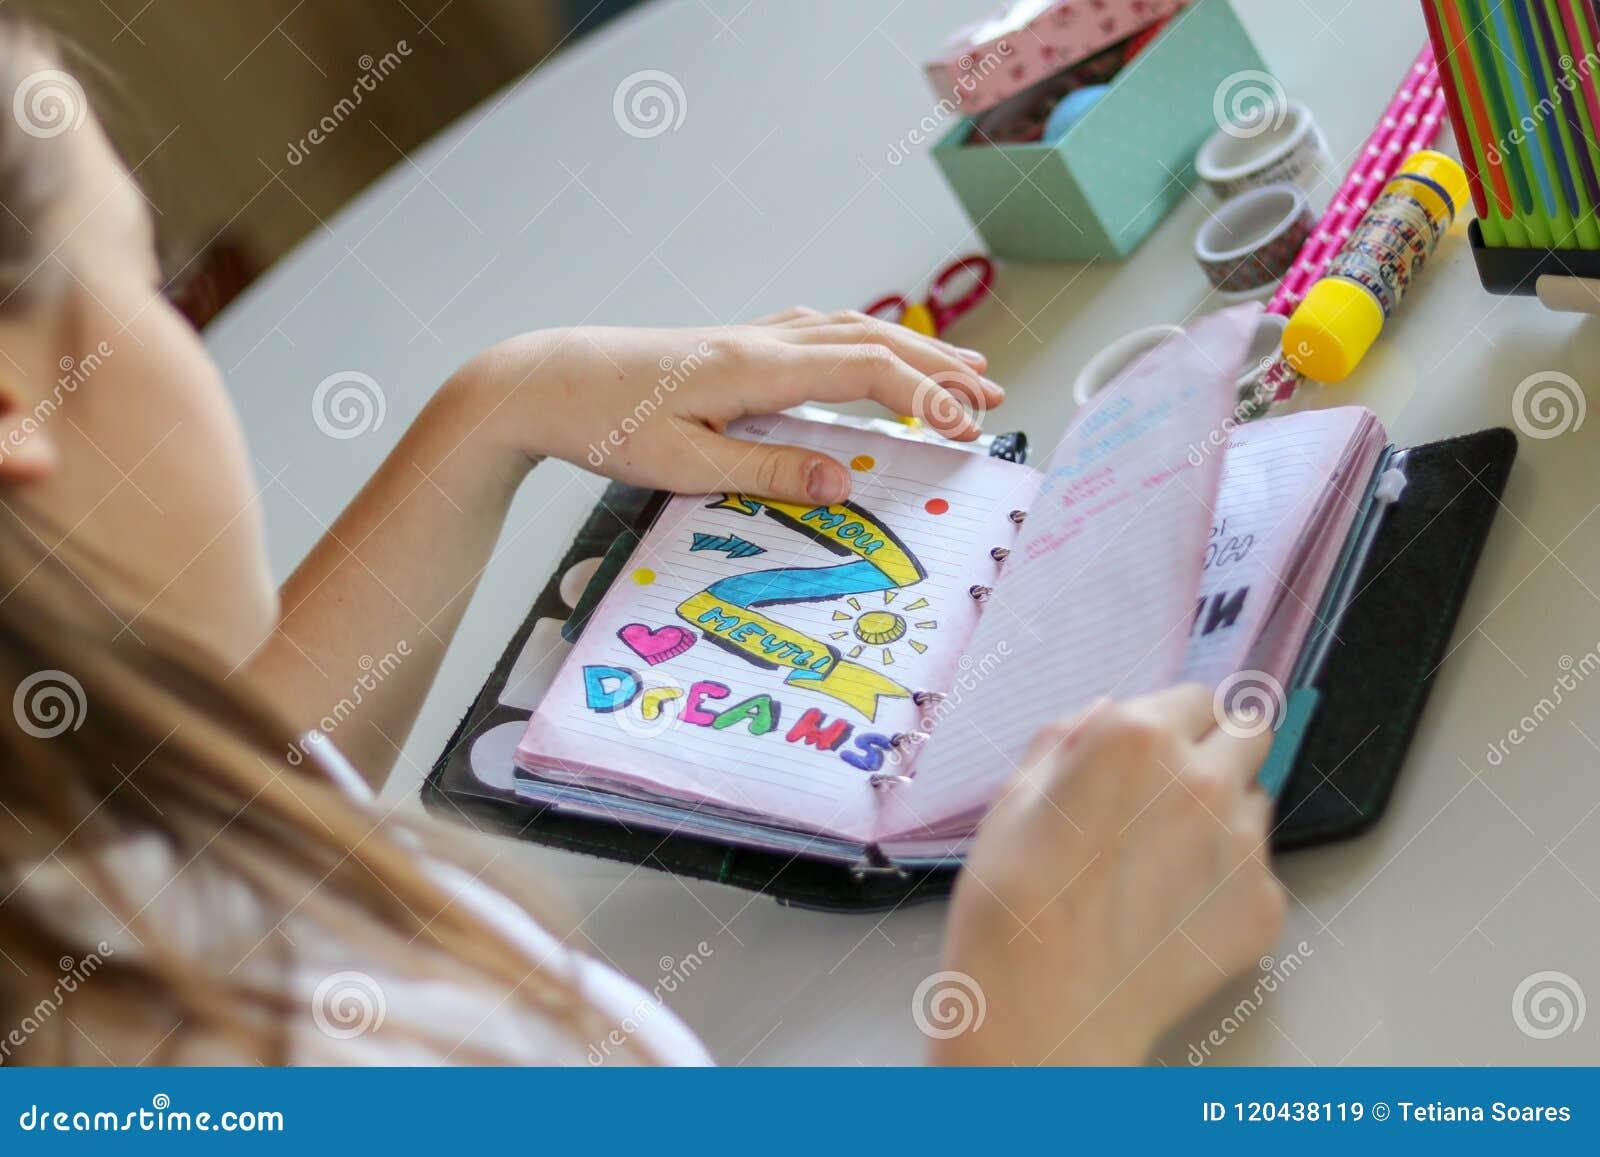 翻转通过她的日志的年轻青春期前的女孩写下她的梦想,签署我的梦想用俄语